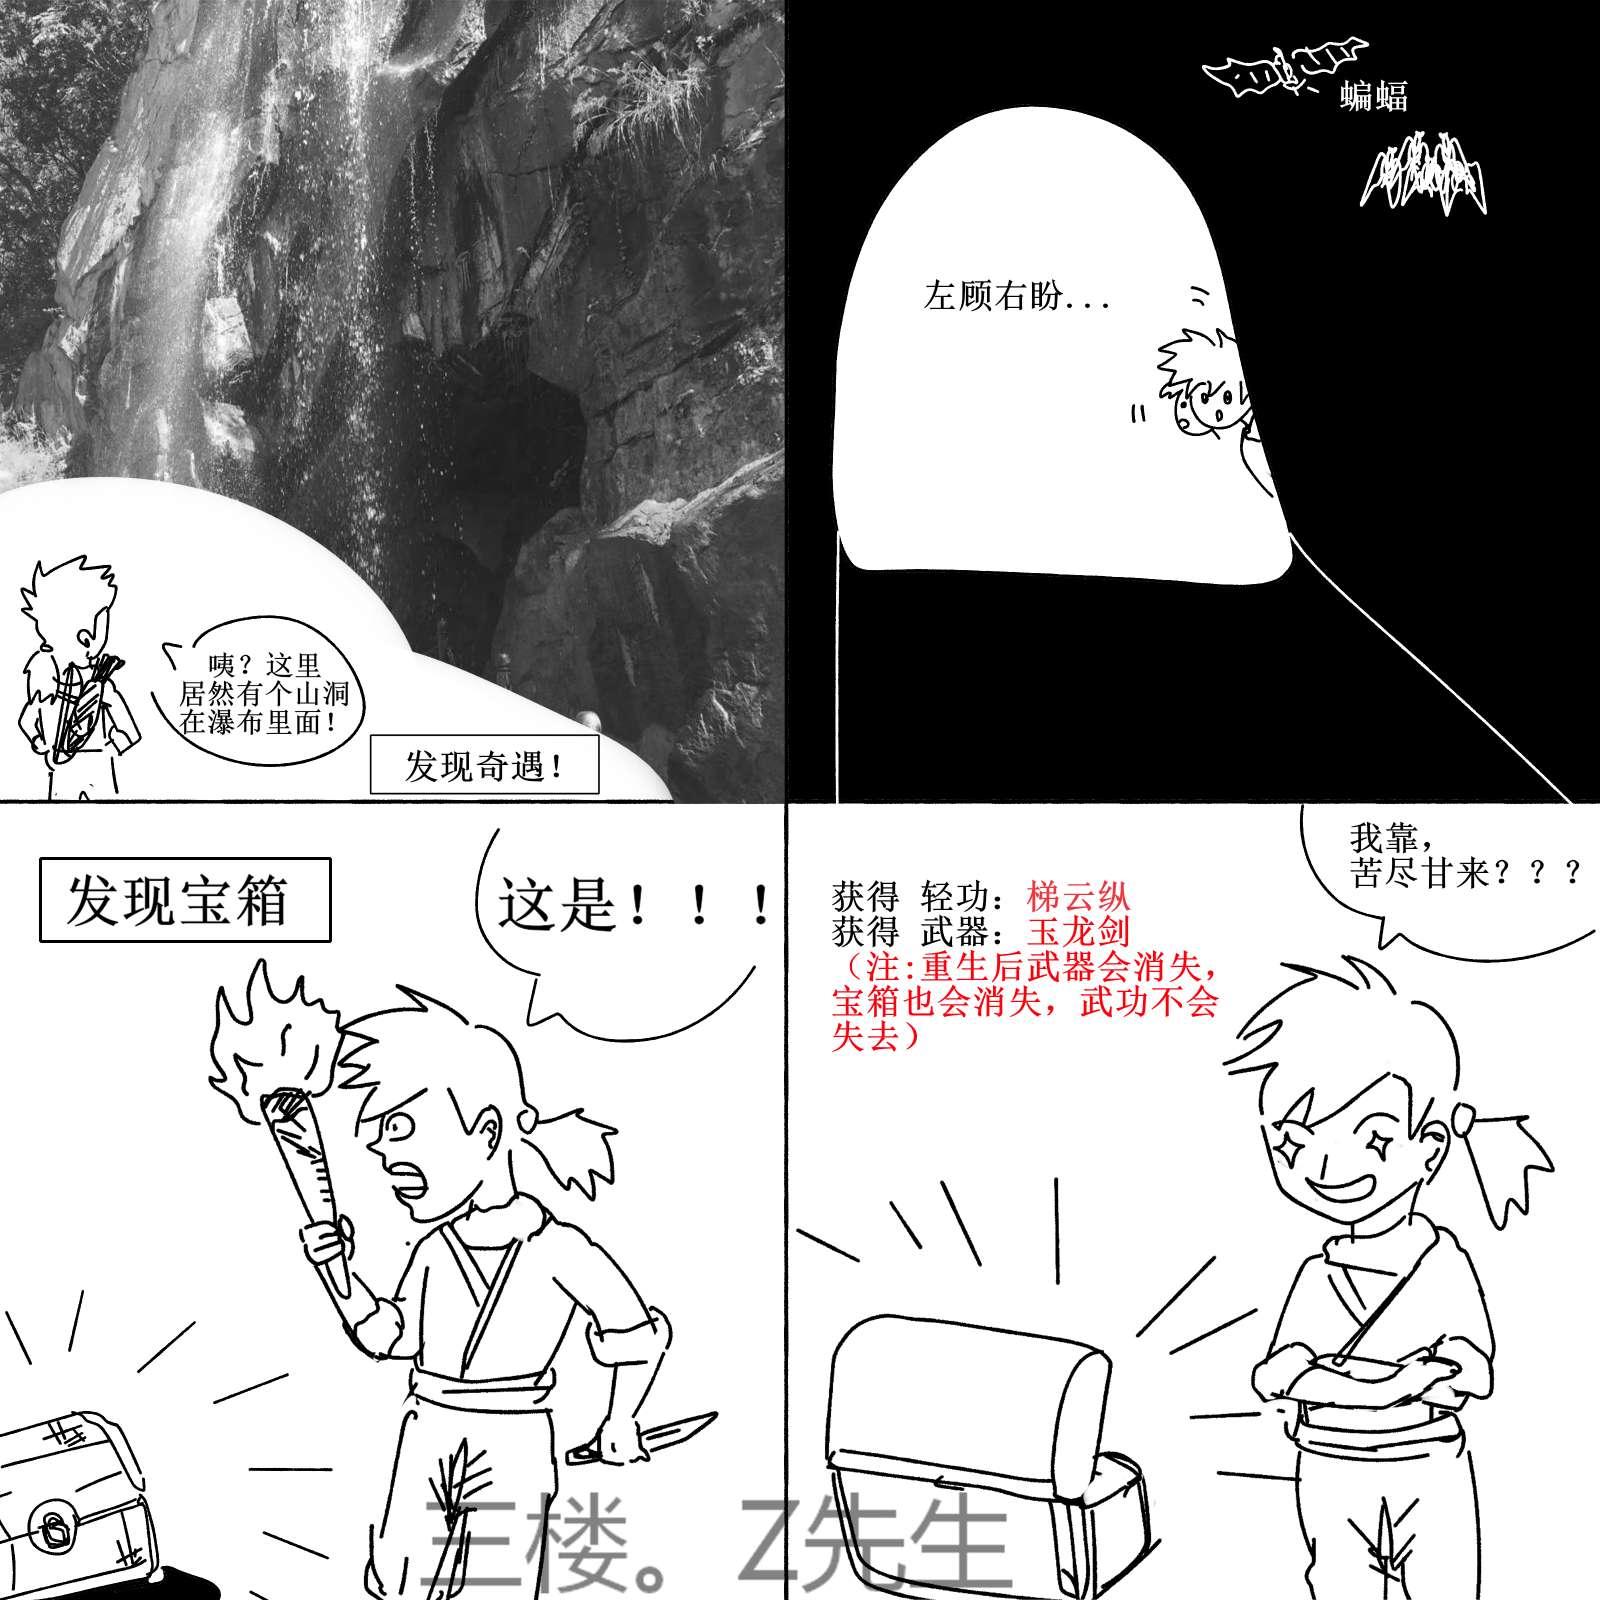 【板绘】原创漫画《游戏群侠传》 连载帖子